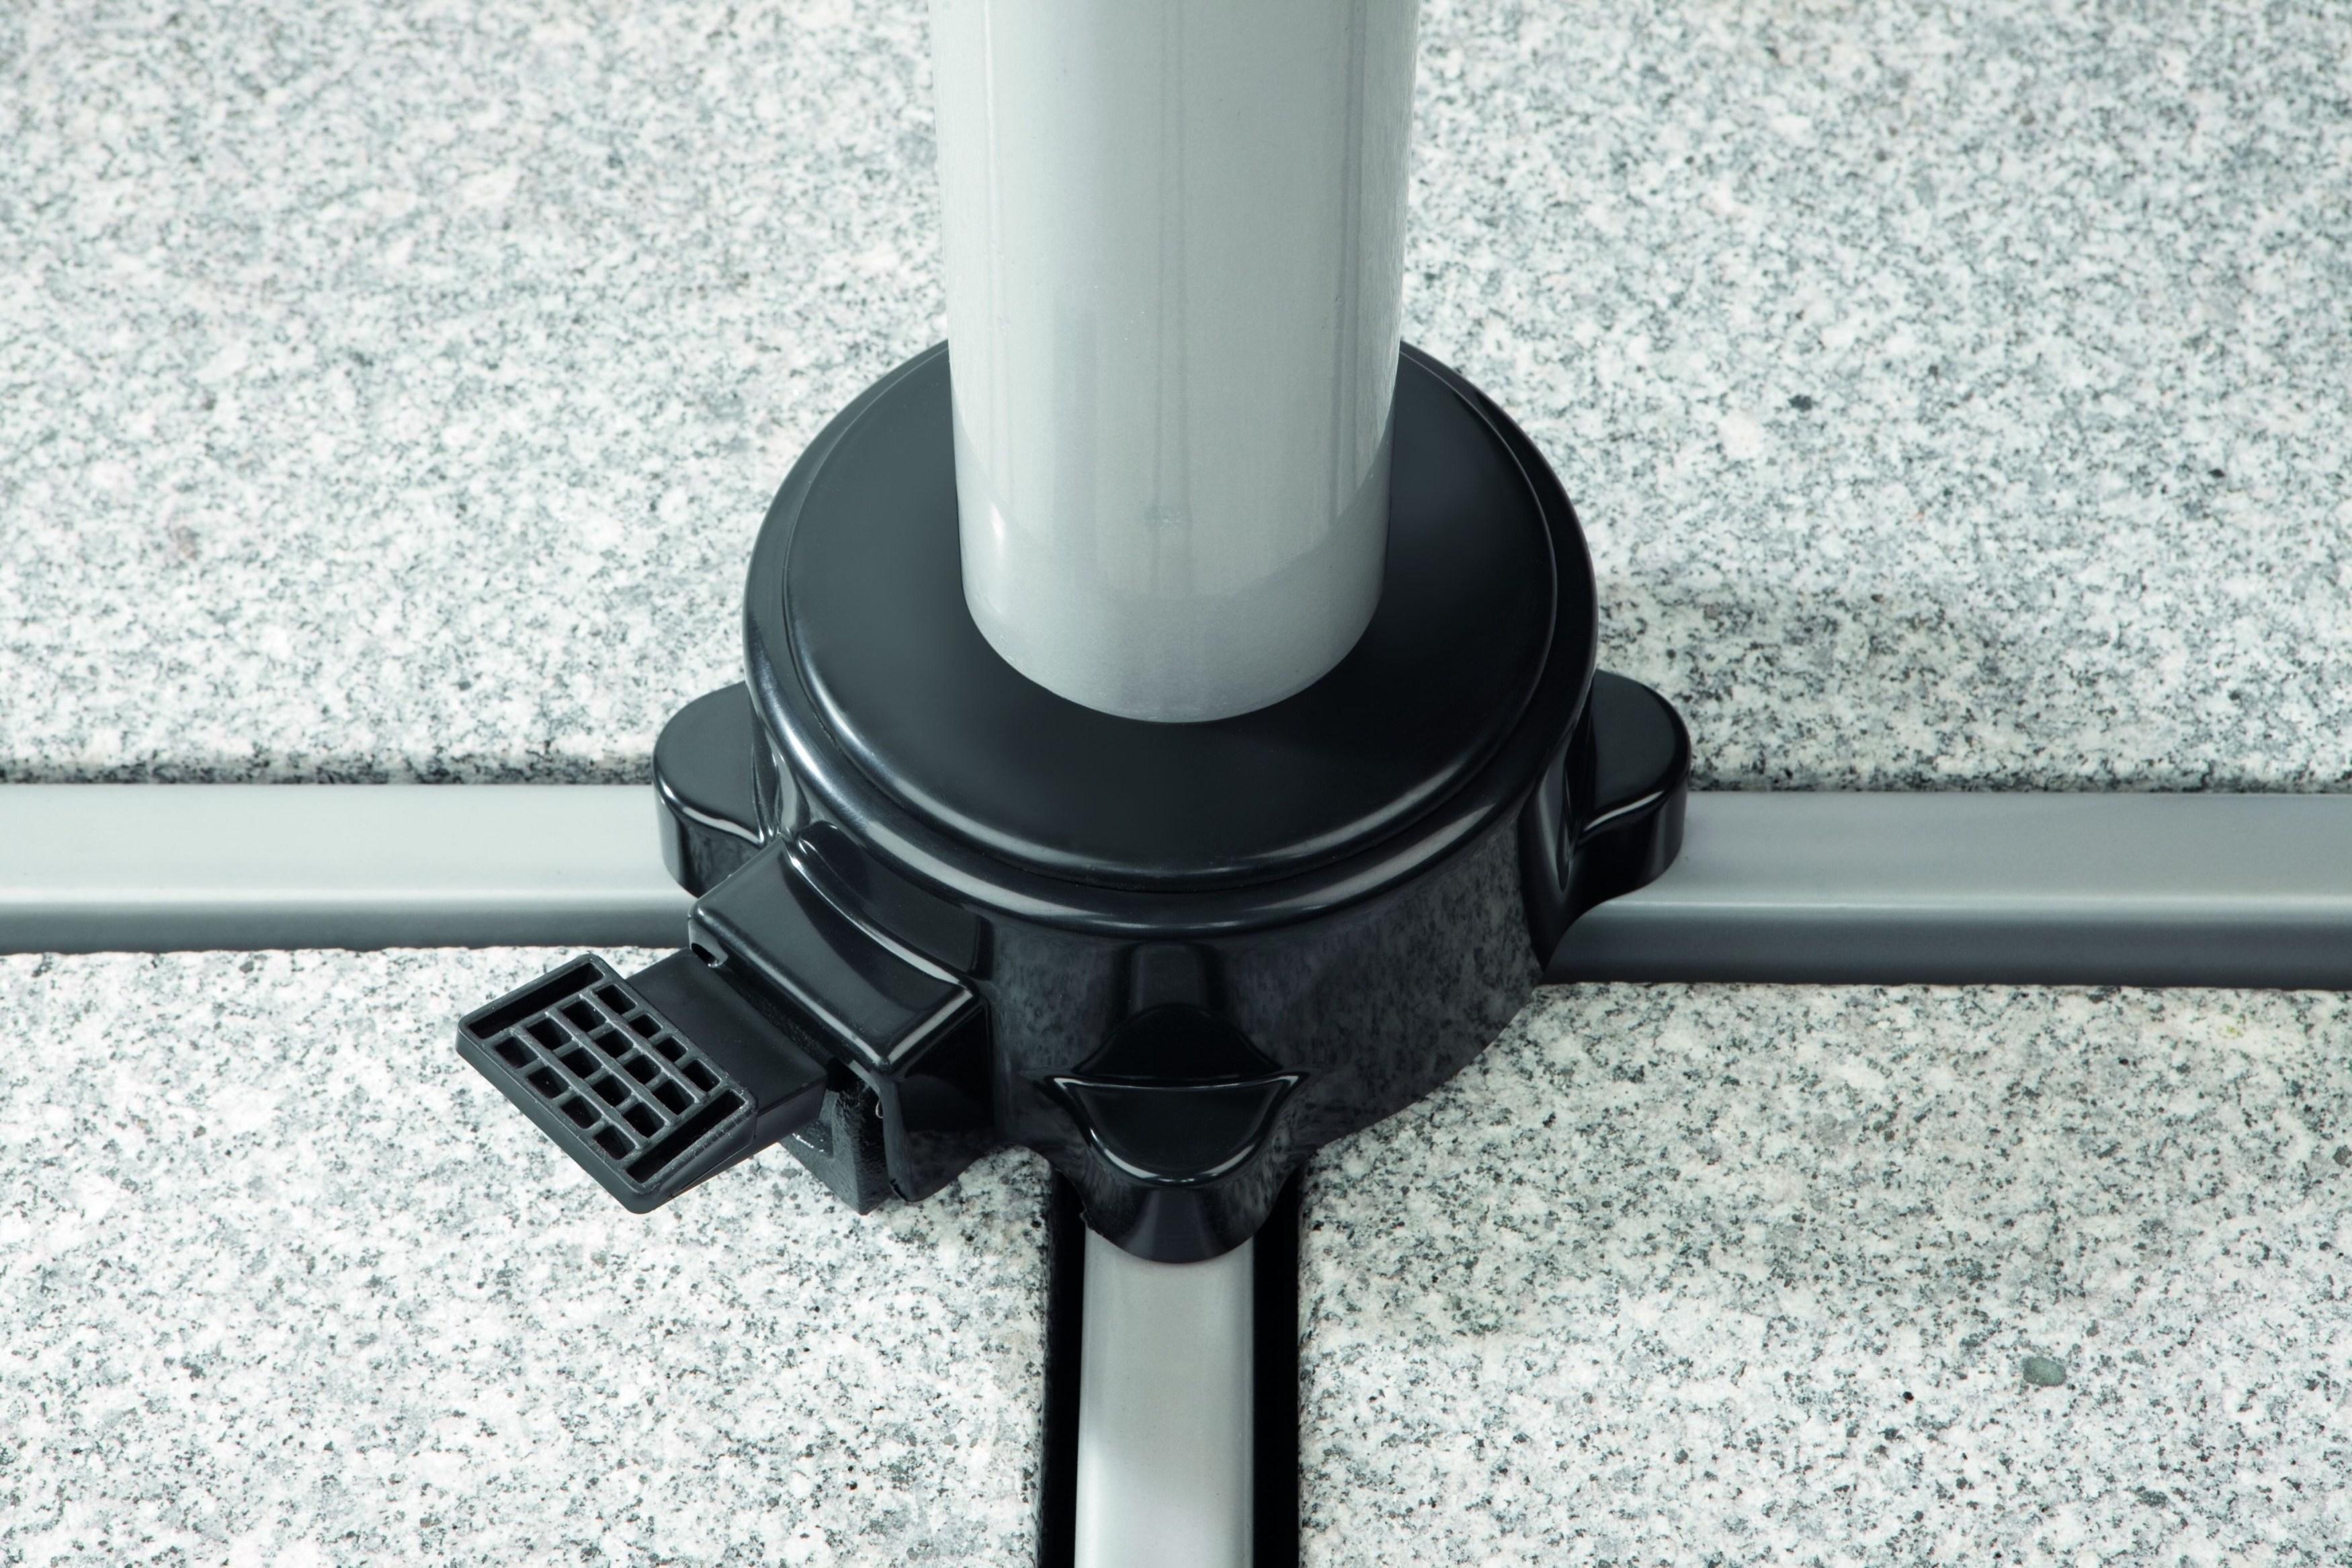 schneider sonnenschirm samos anthrazit 300 cm rund gestell aluminium stahl. Black Bedroom Furniture Sets. Home Design Ideas